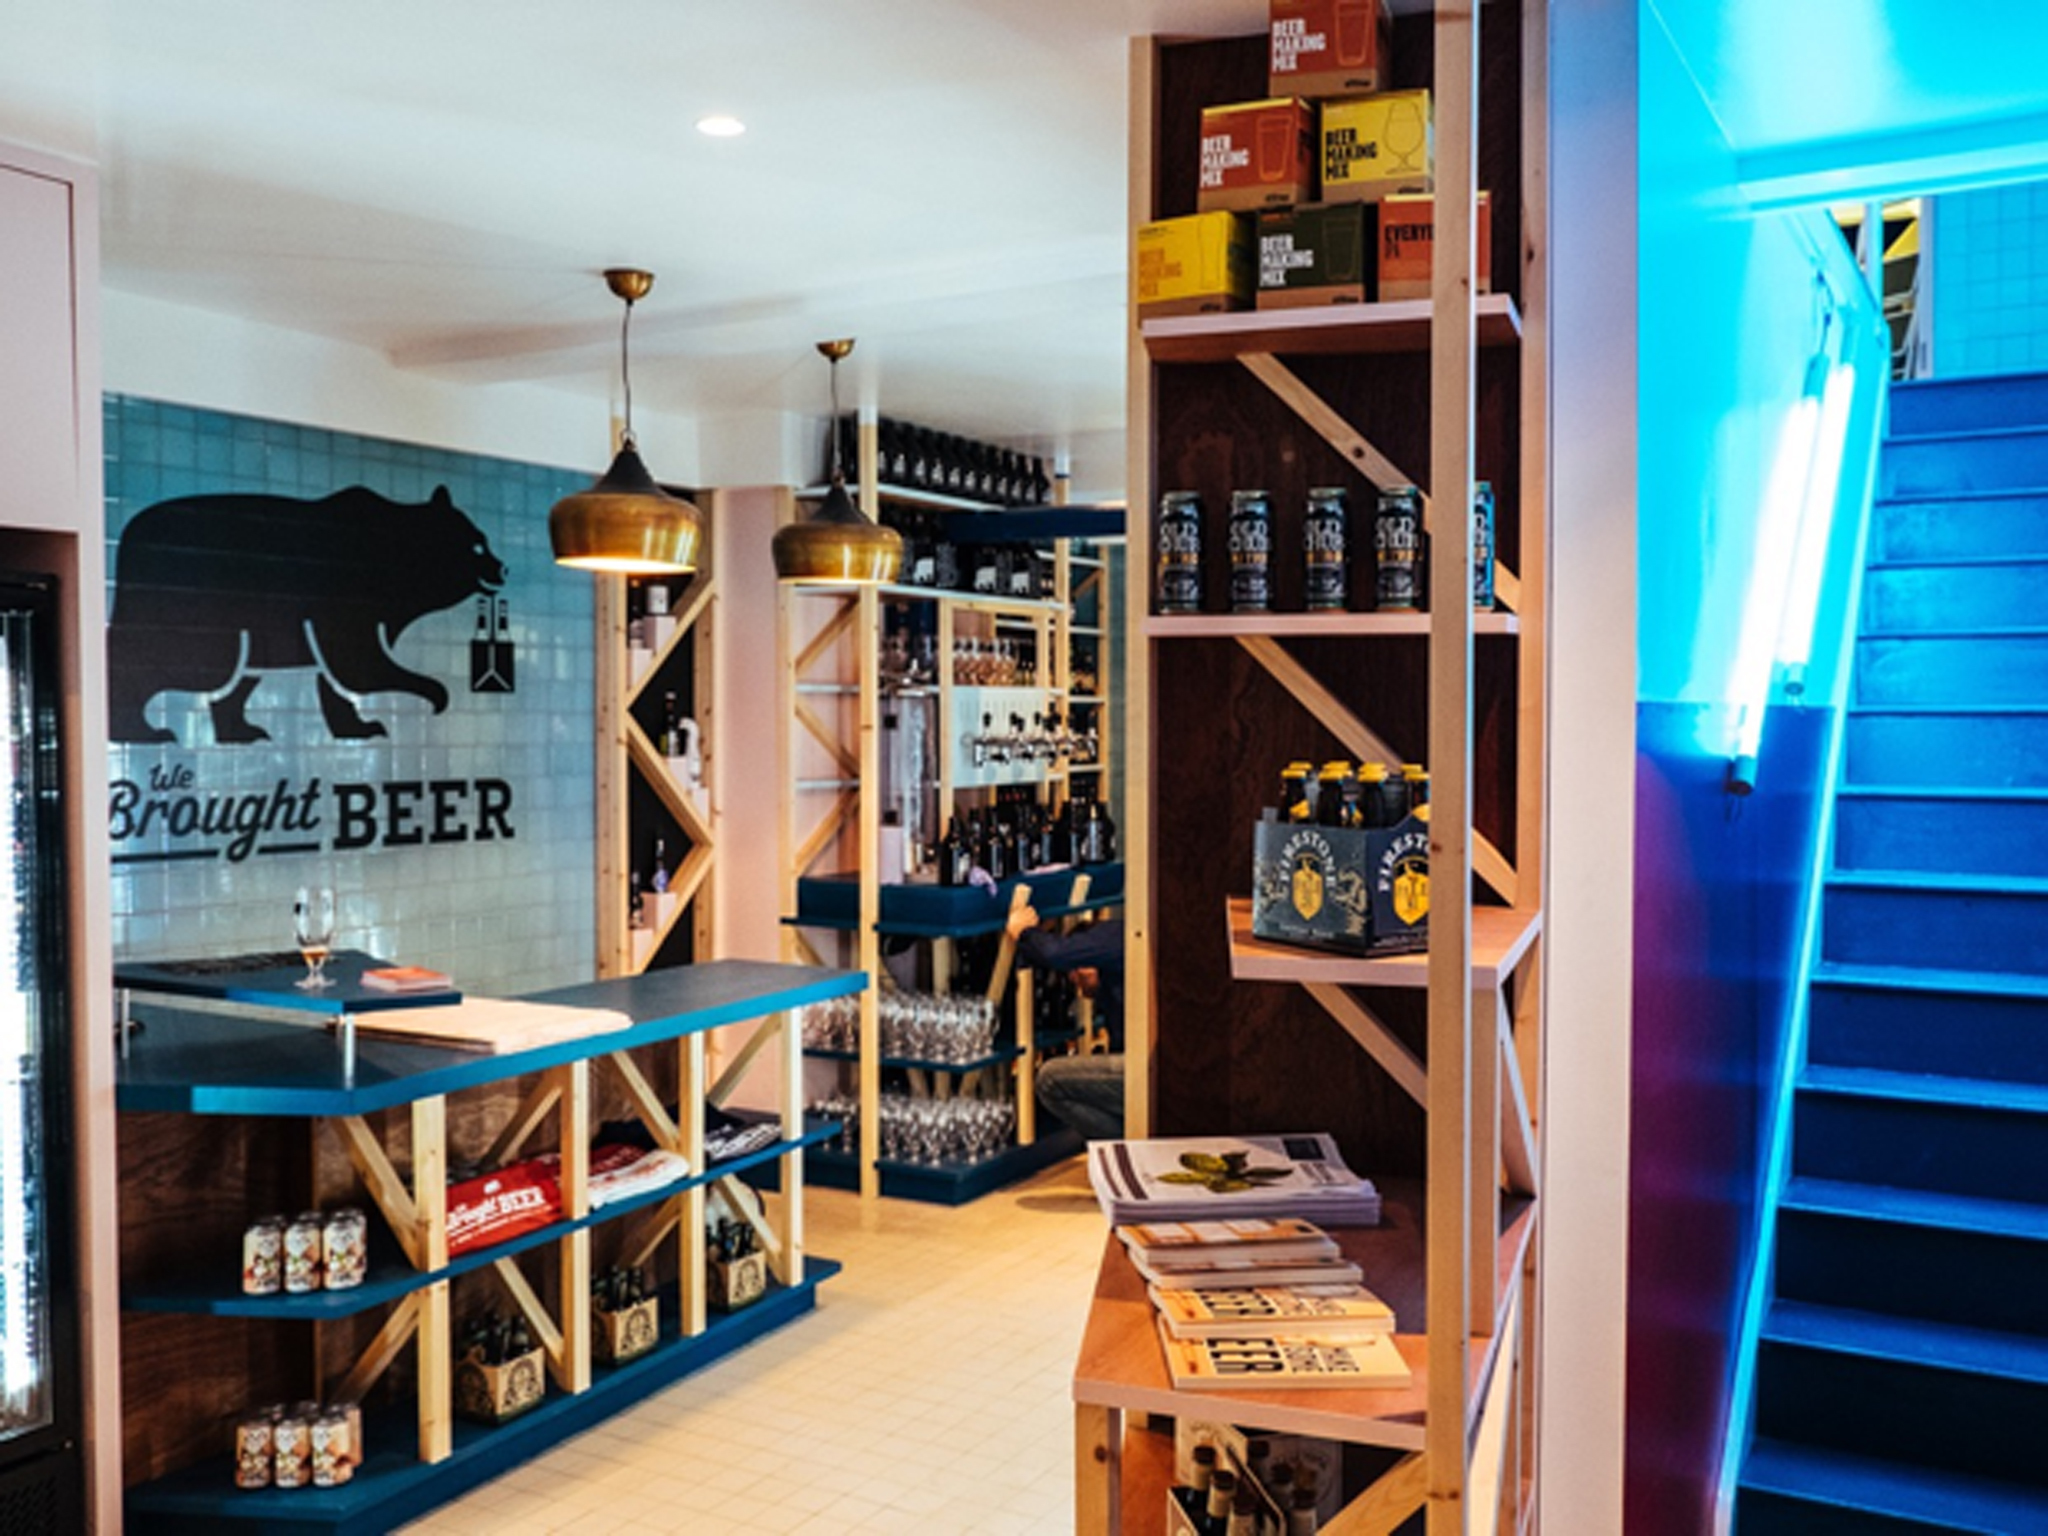 craft beer bottle shops london, we bought beer clapham